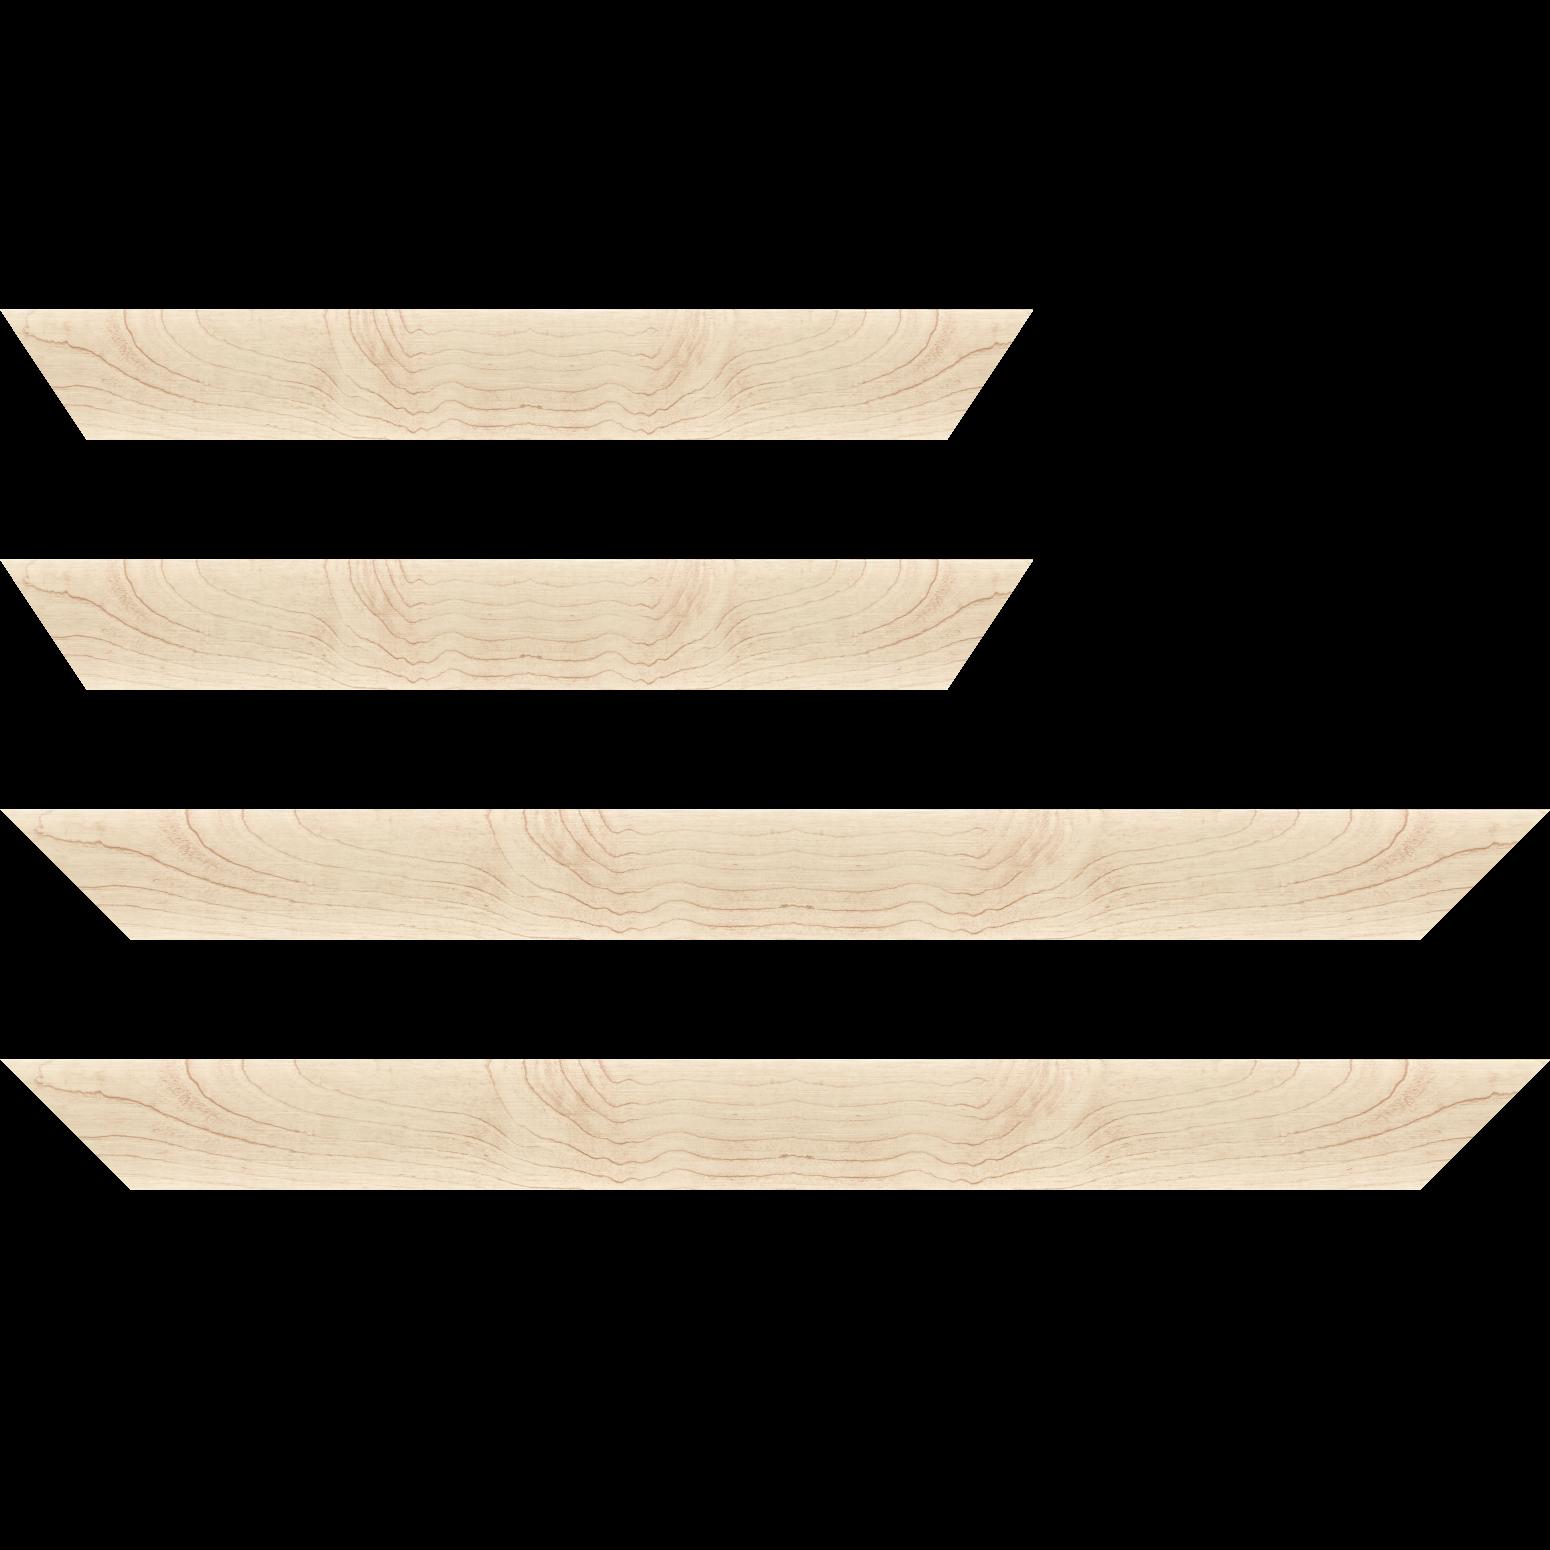 Baguette service précoupé Bois profil plat largeur 4.2cm décor bois blanc naturel